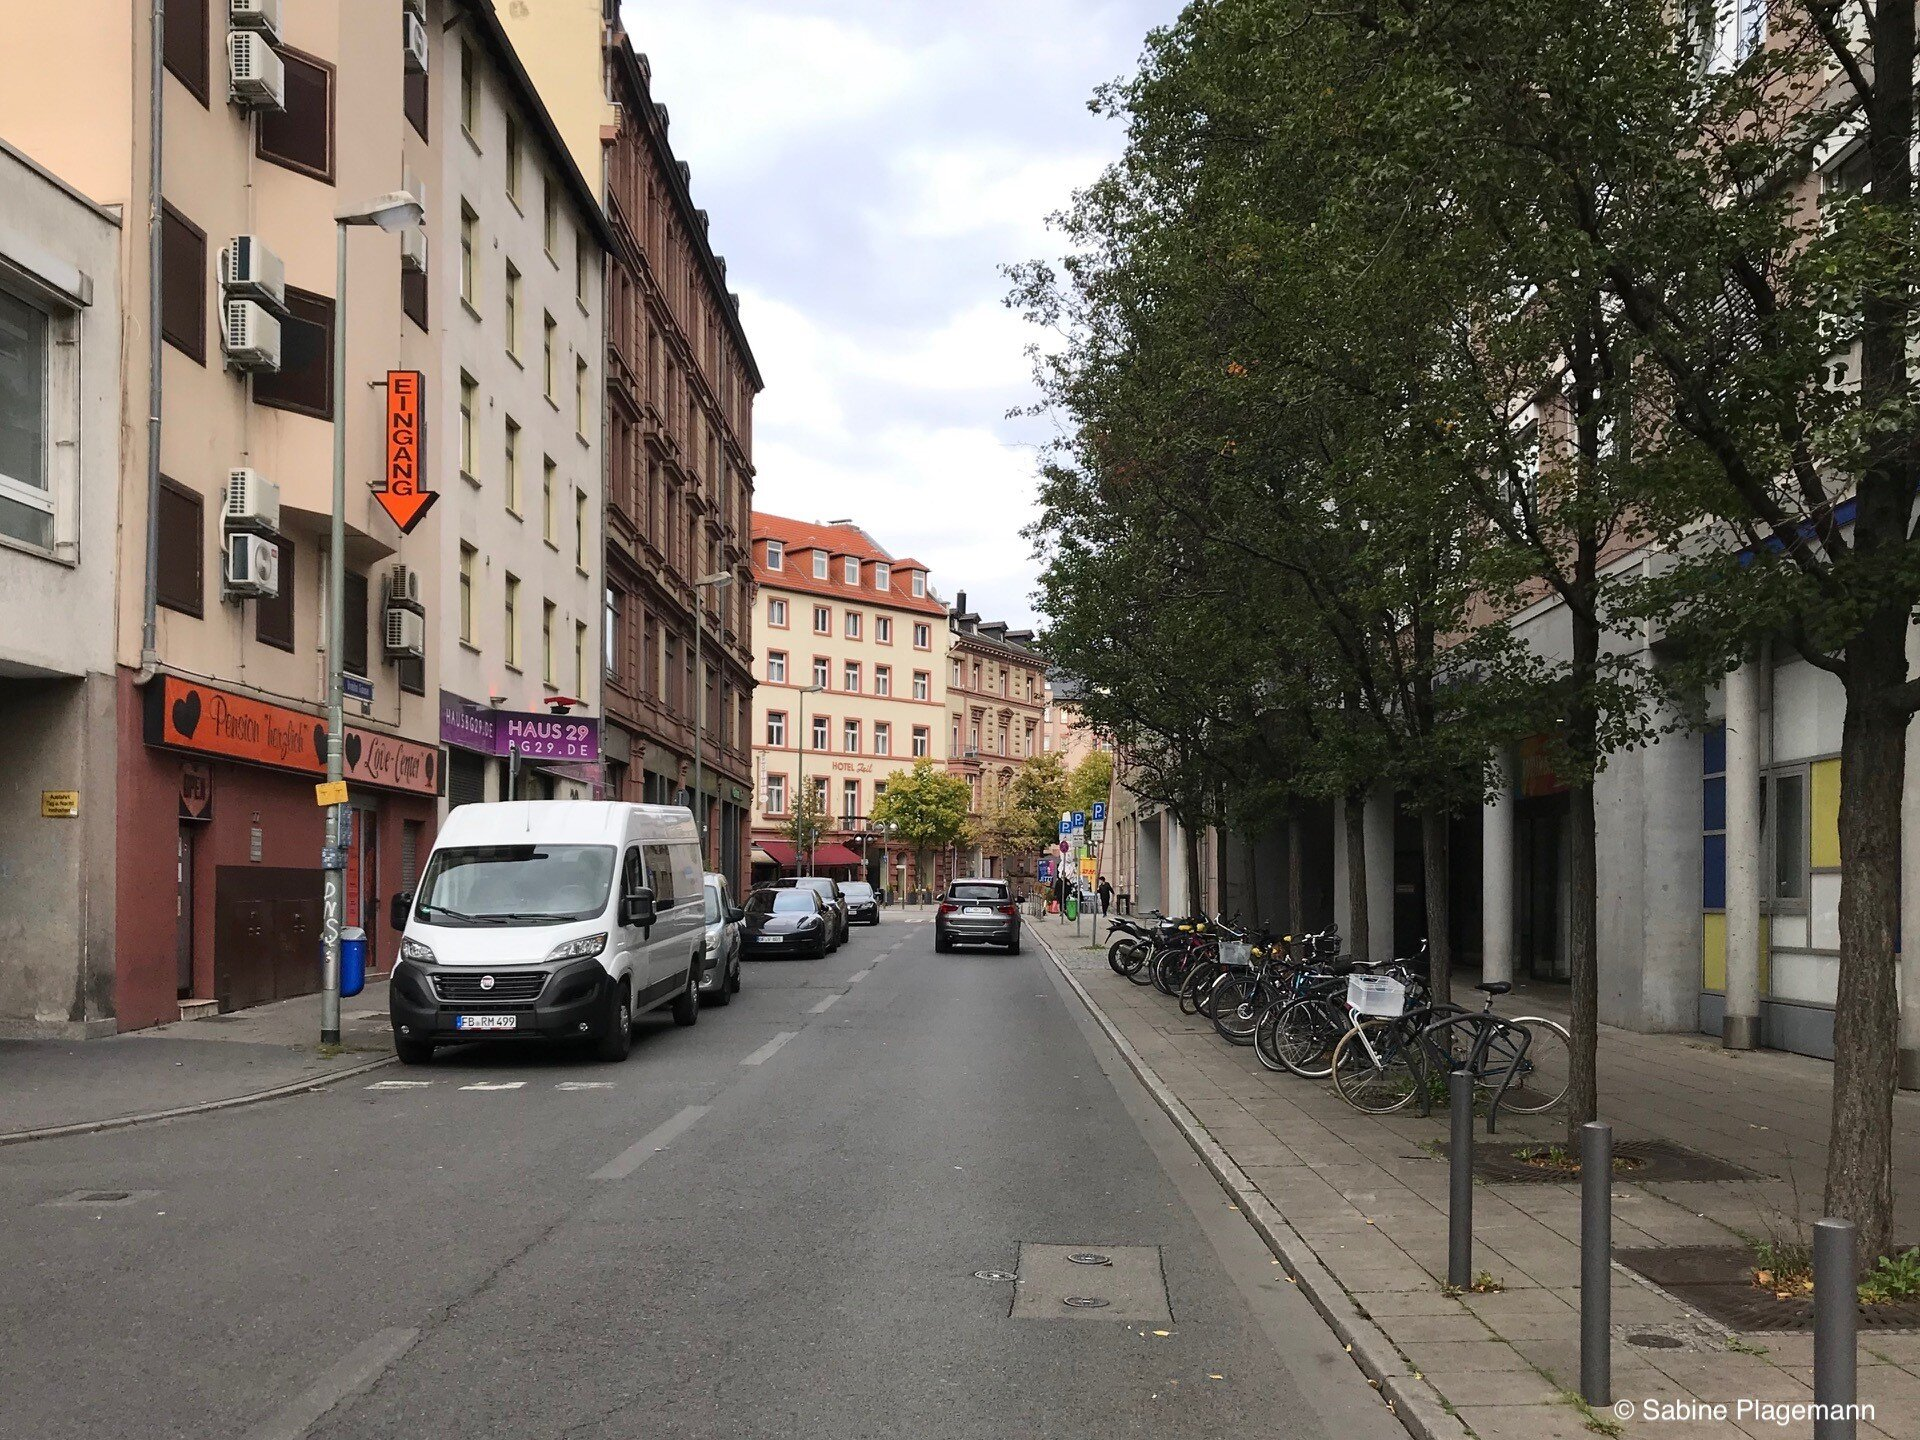 1 frankfurt main am breite gasse Duitse steden,